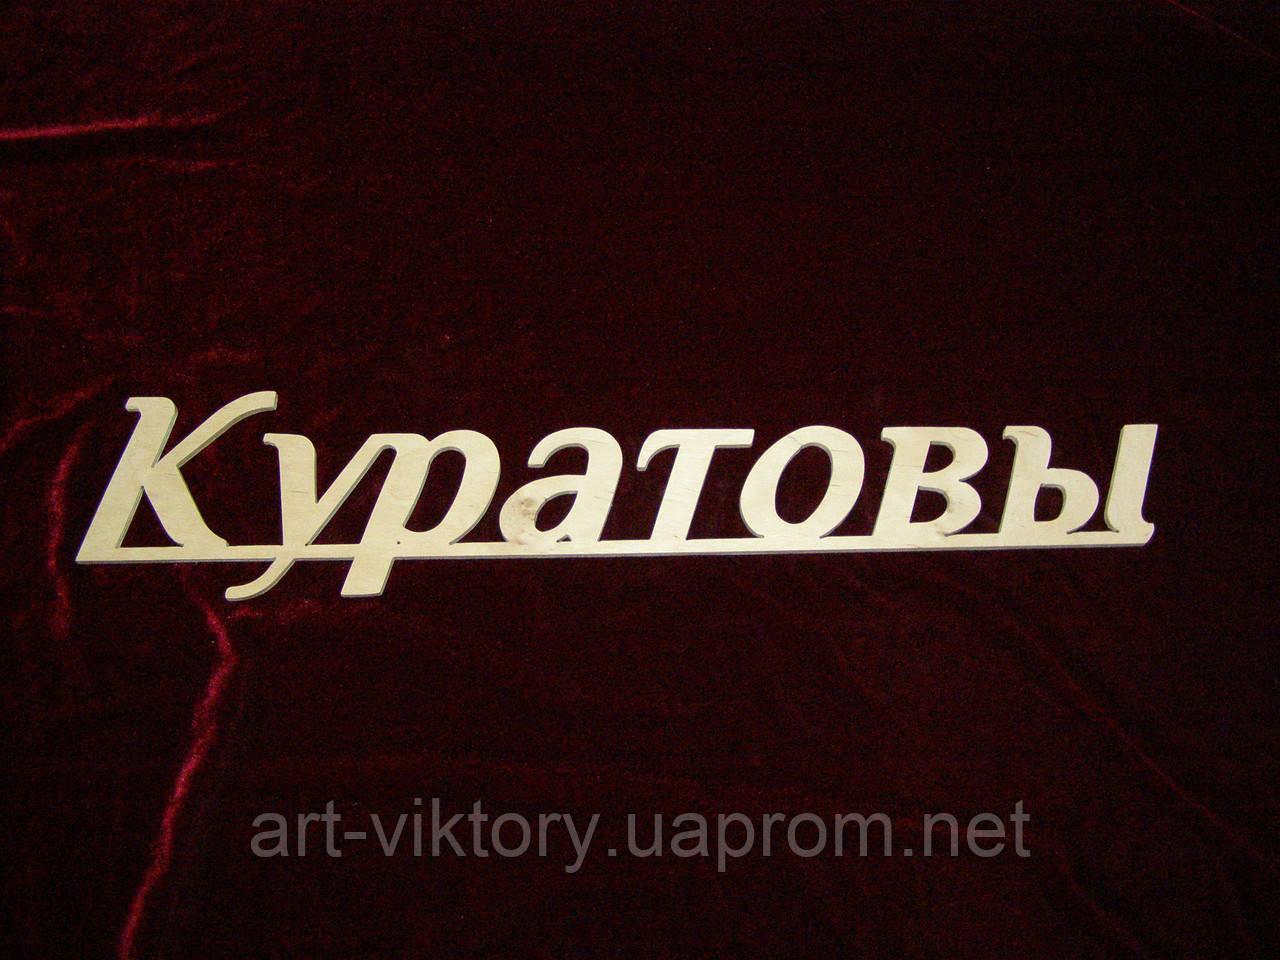 Фамилия, надписи